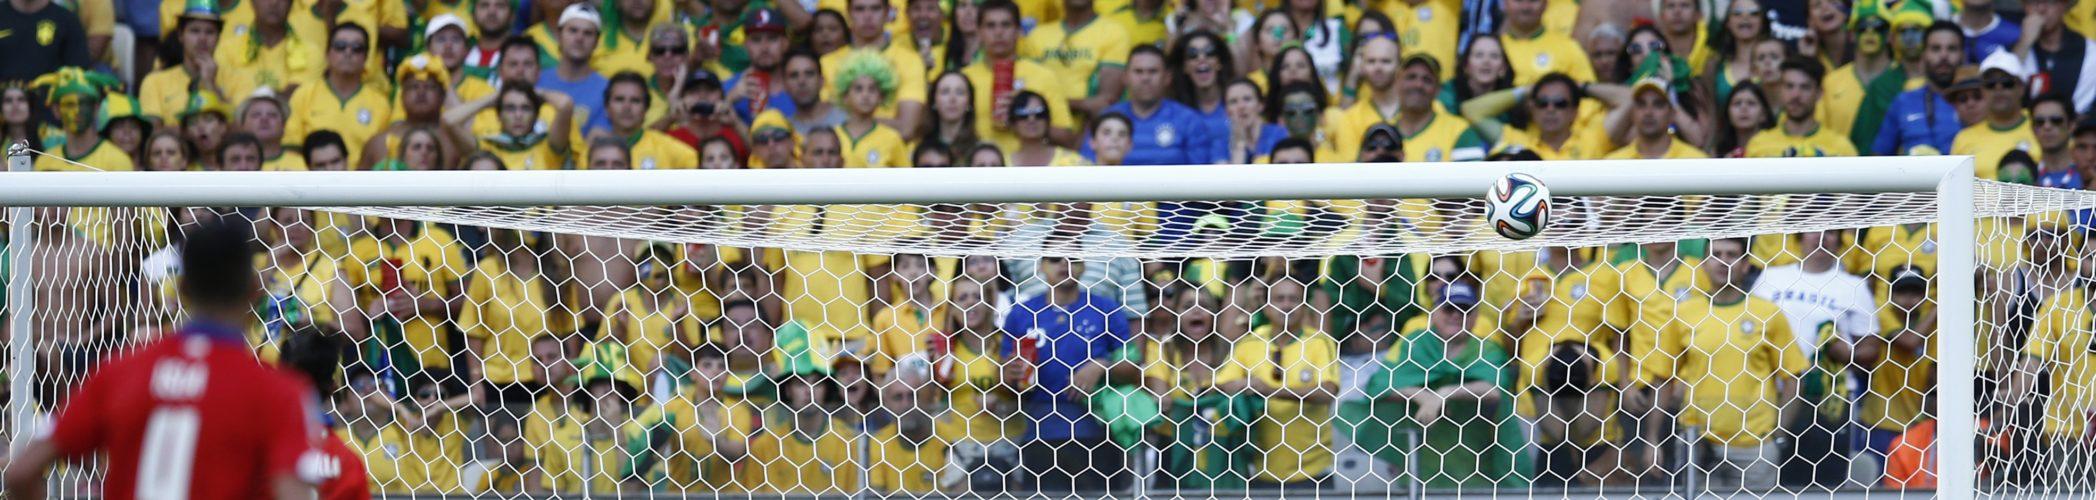 Bollen går i mål under VM 2014